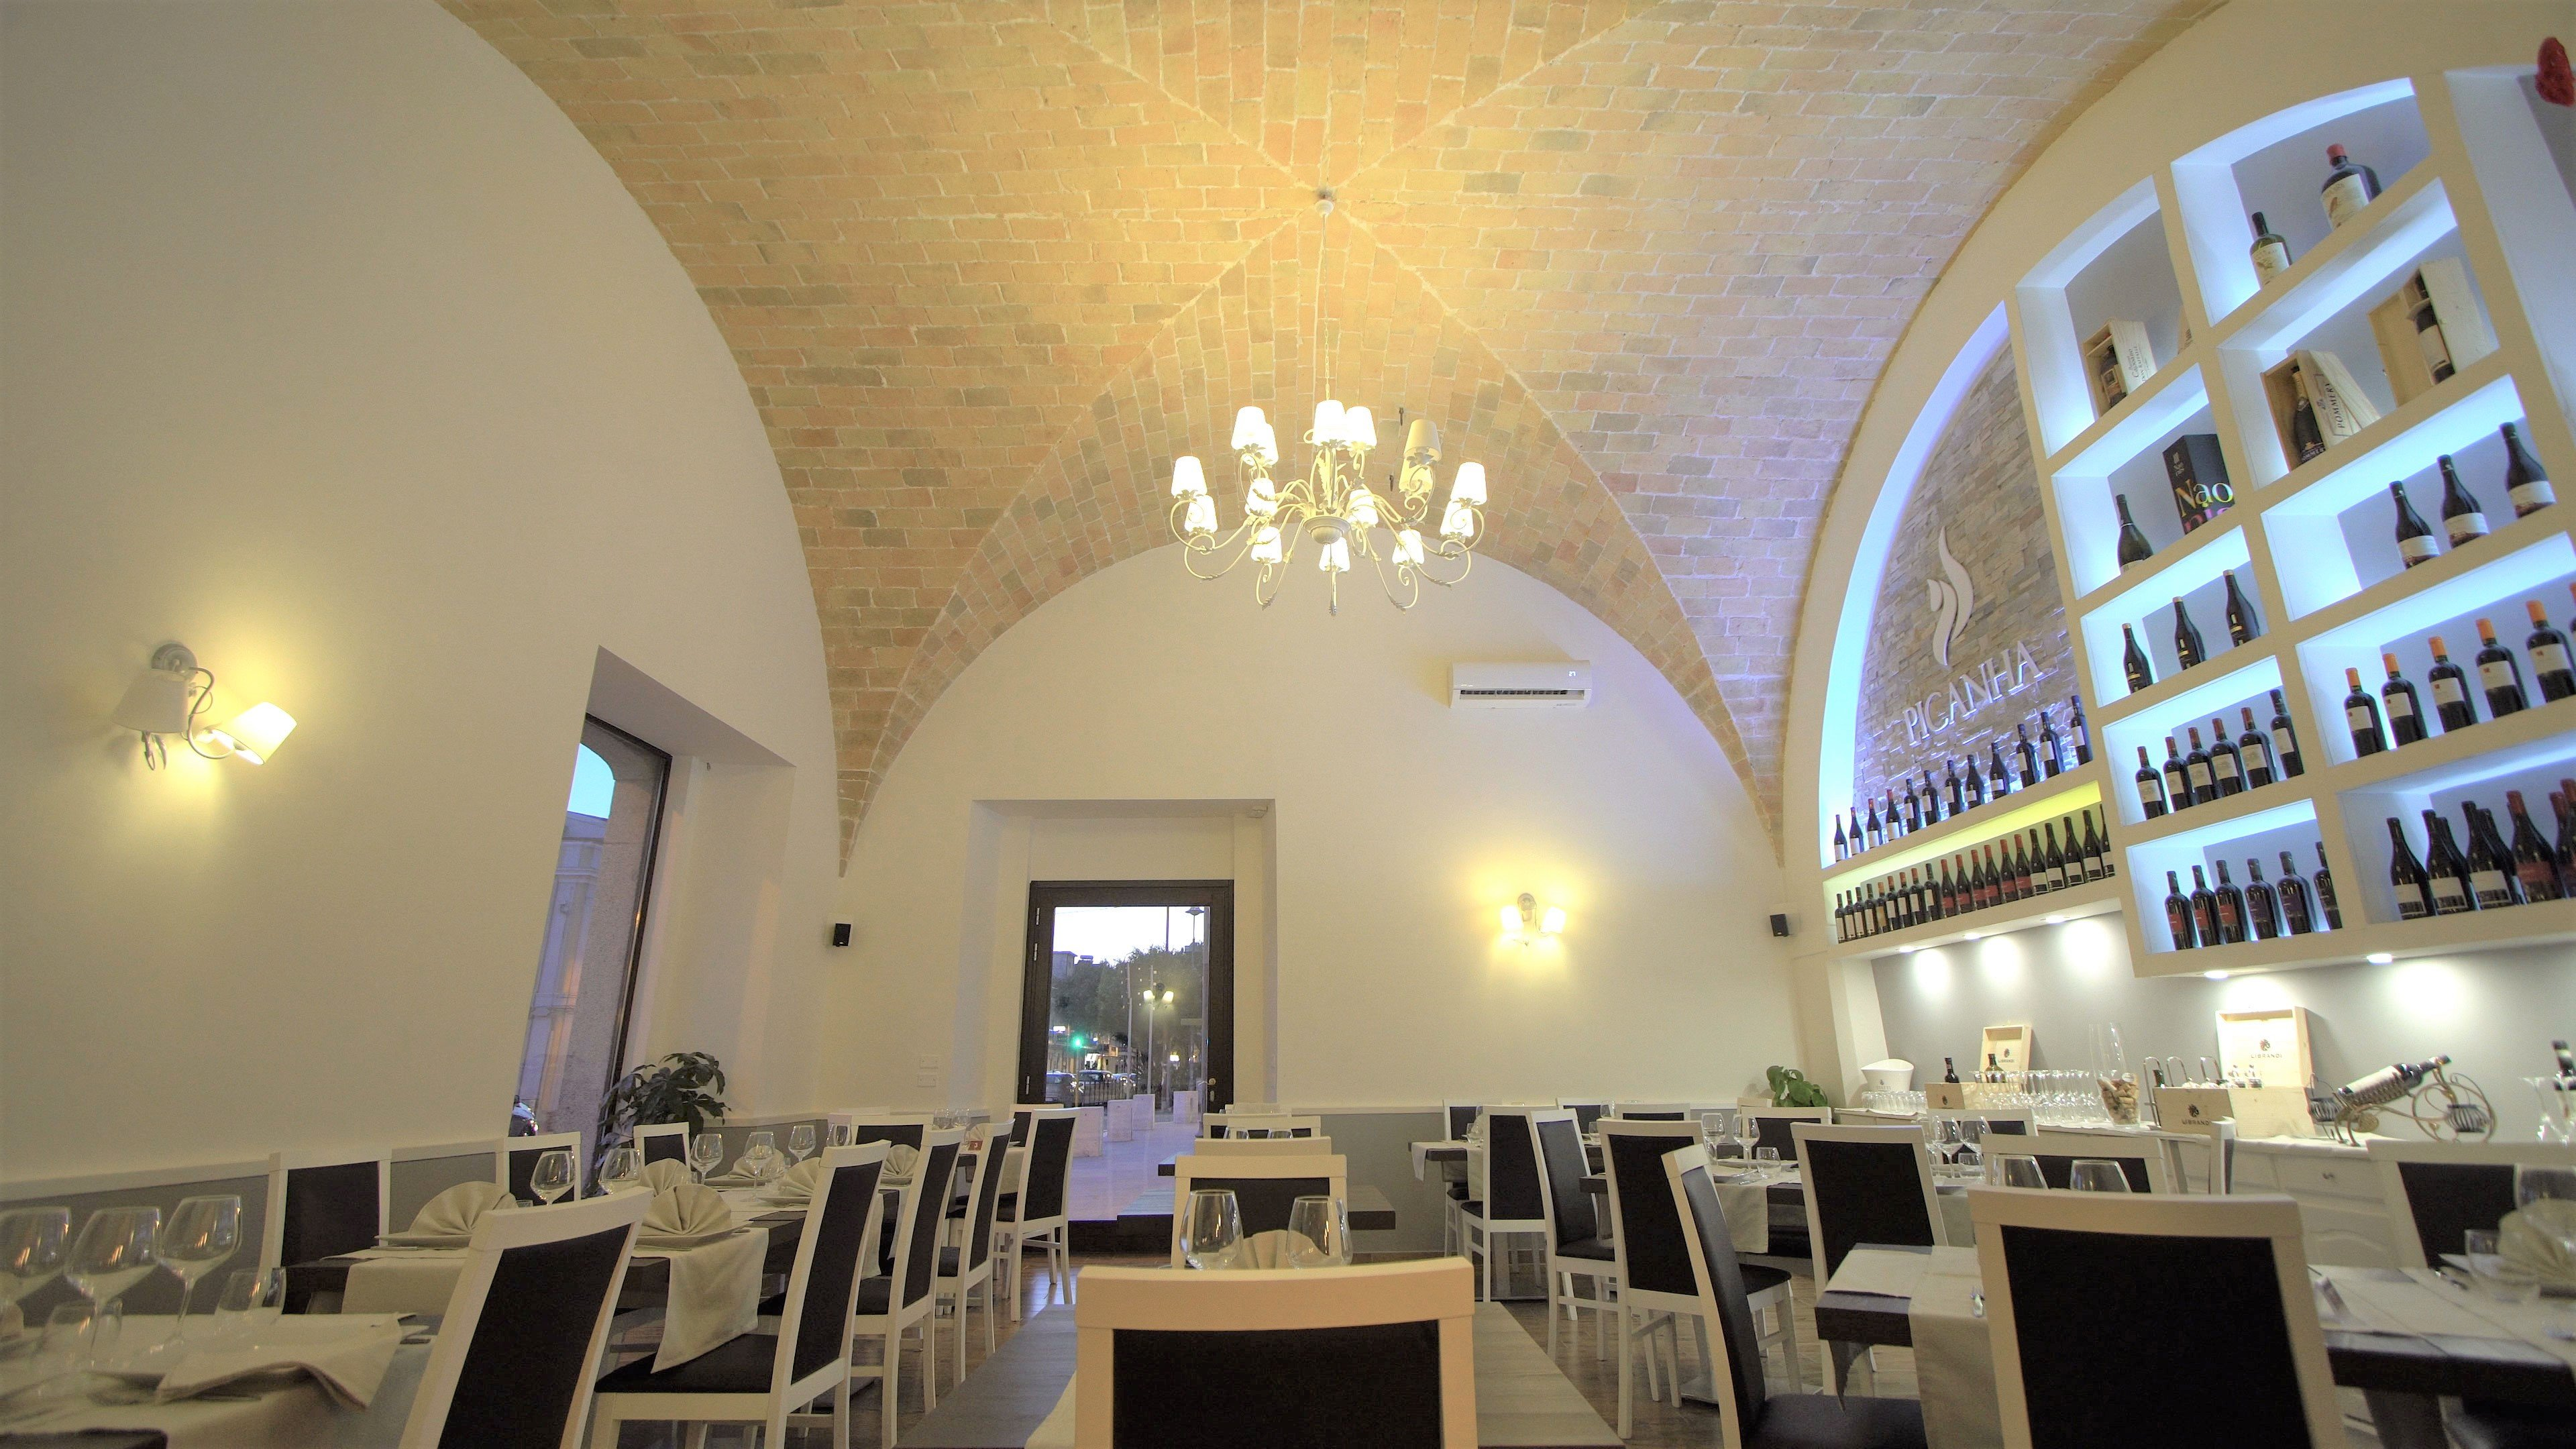 sala ristorante molto luminosa con soffitto in pietra